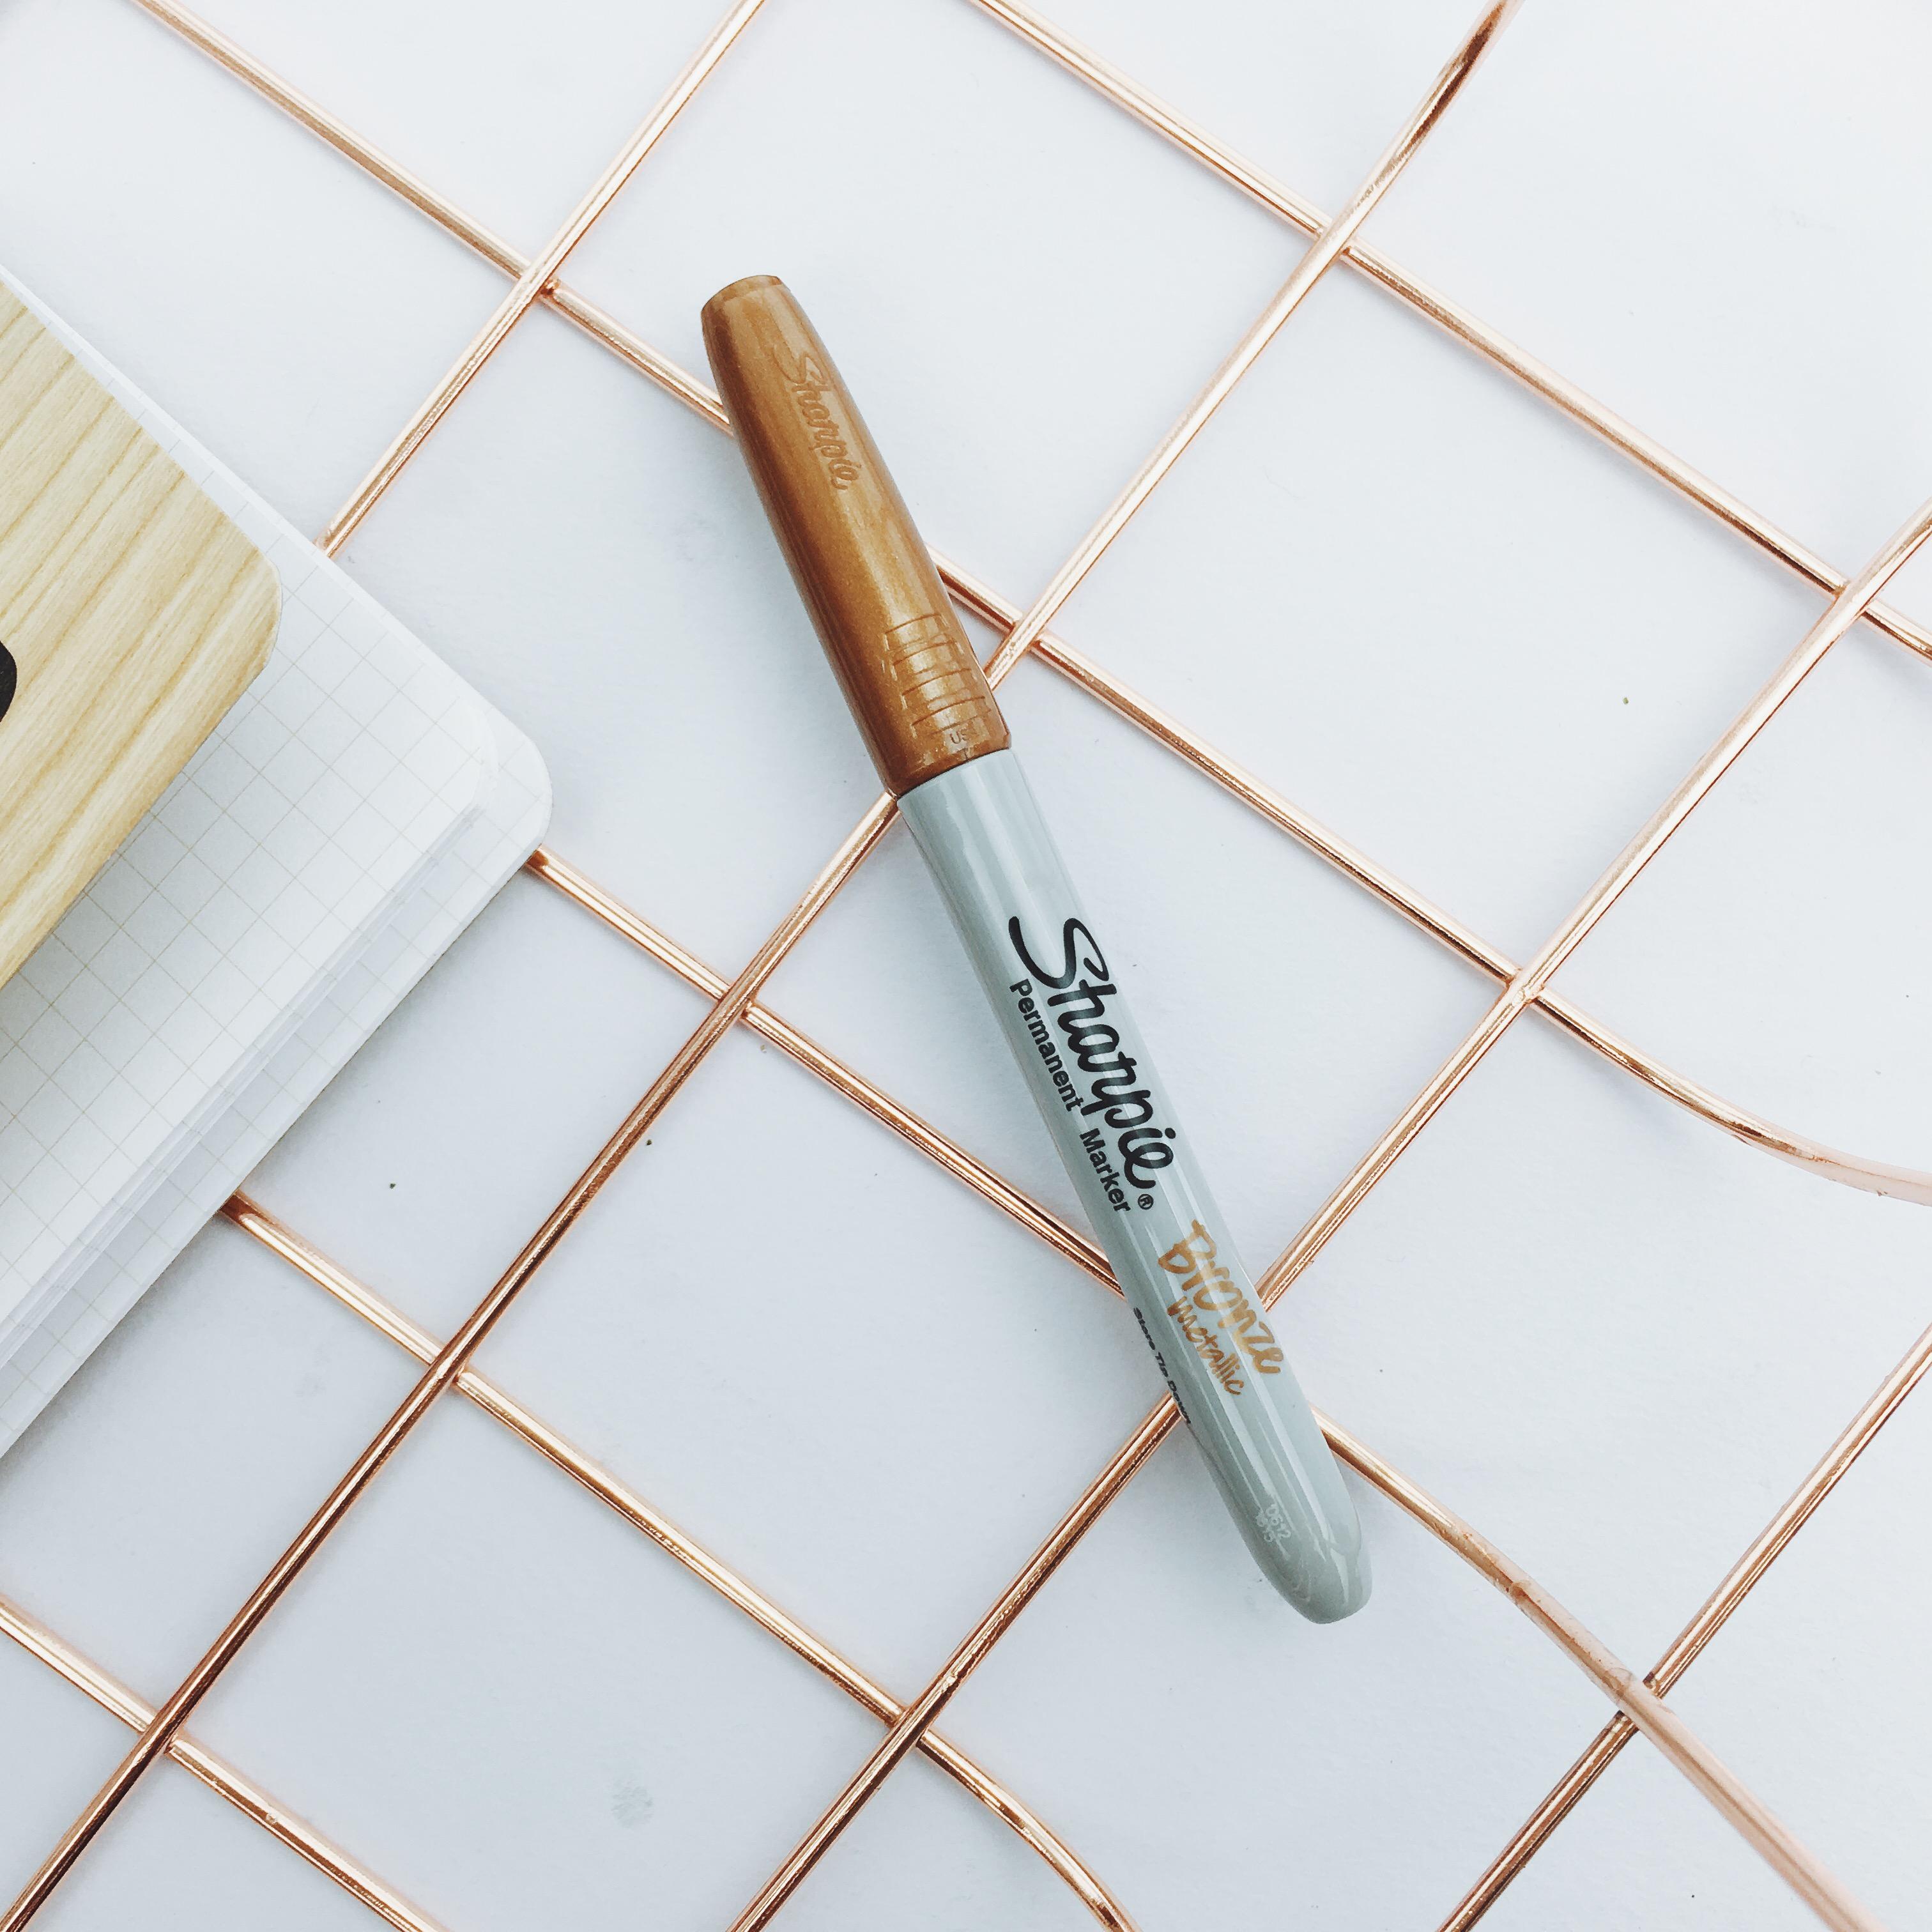 现货美国原产正品sharpie精细无尘记号笔单支金屬色簽字筆1.0mm